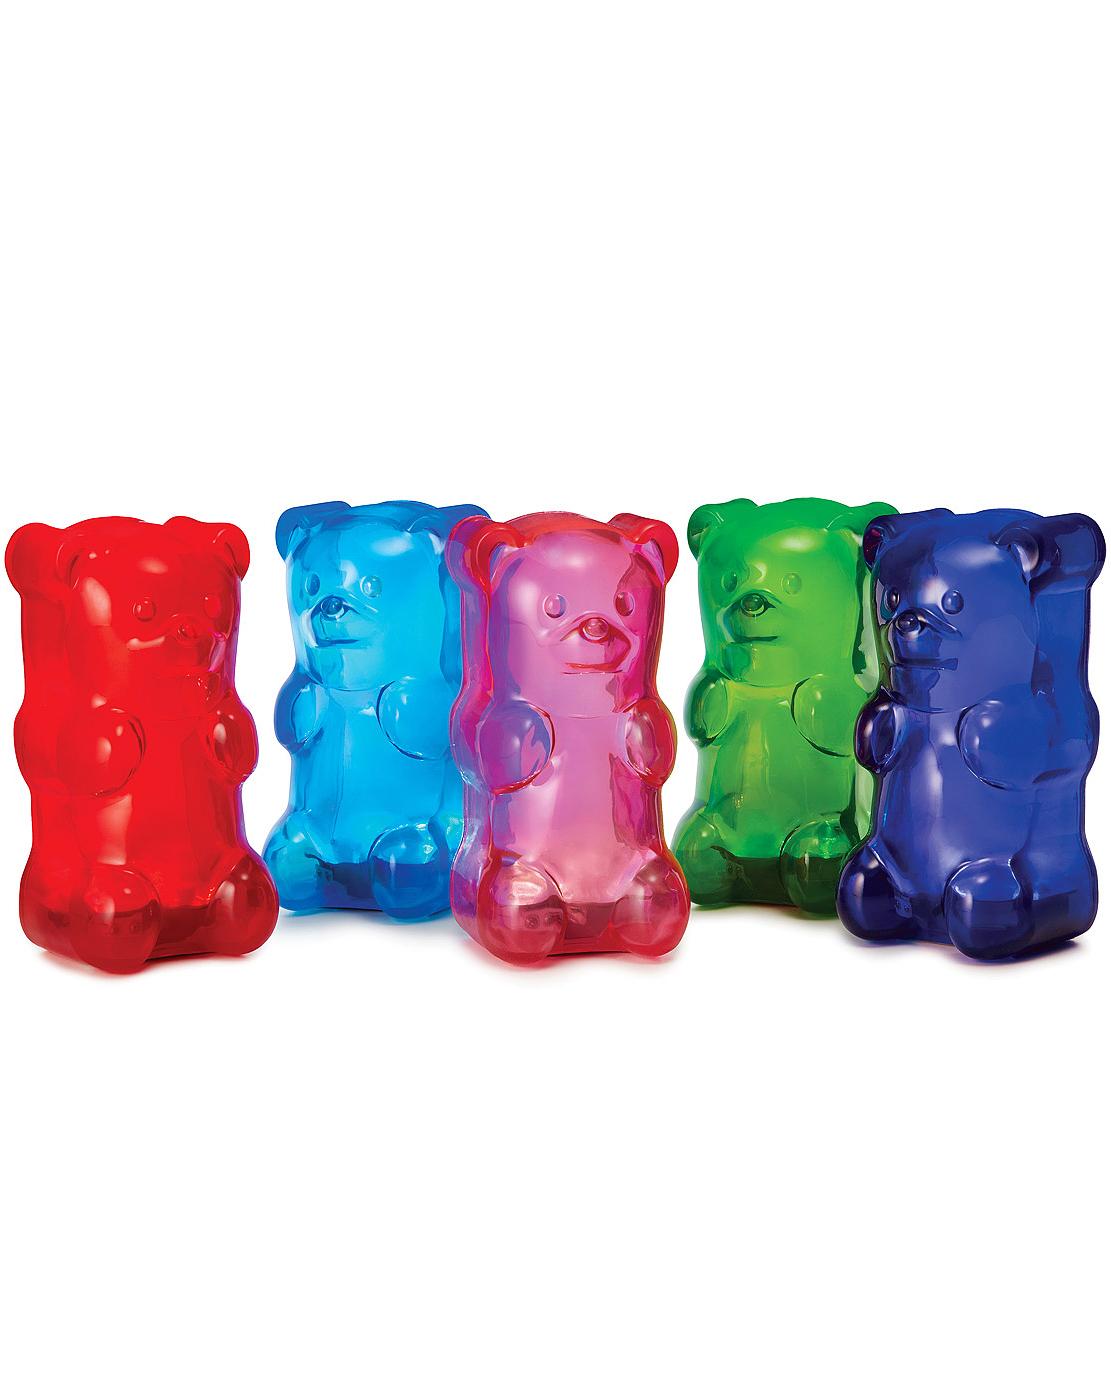 ring-bearer-flower-girl-gift-gummy-bear-light-0616.jpg